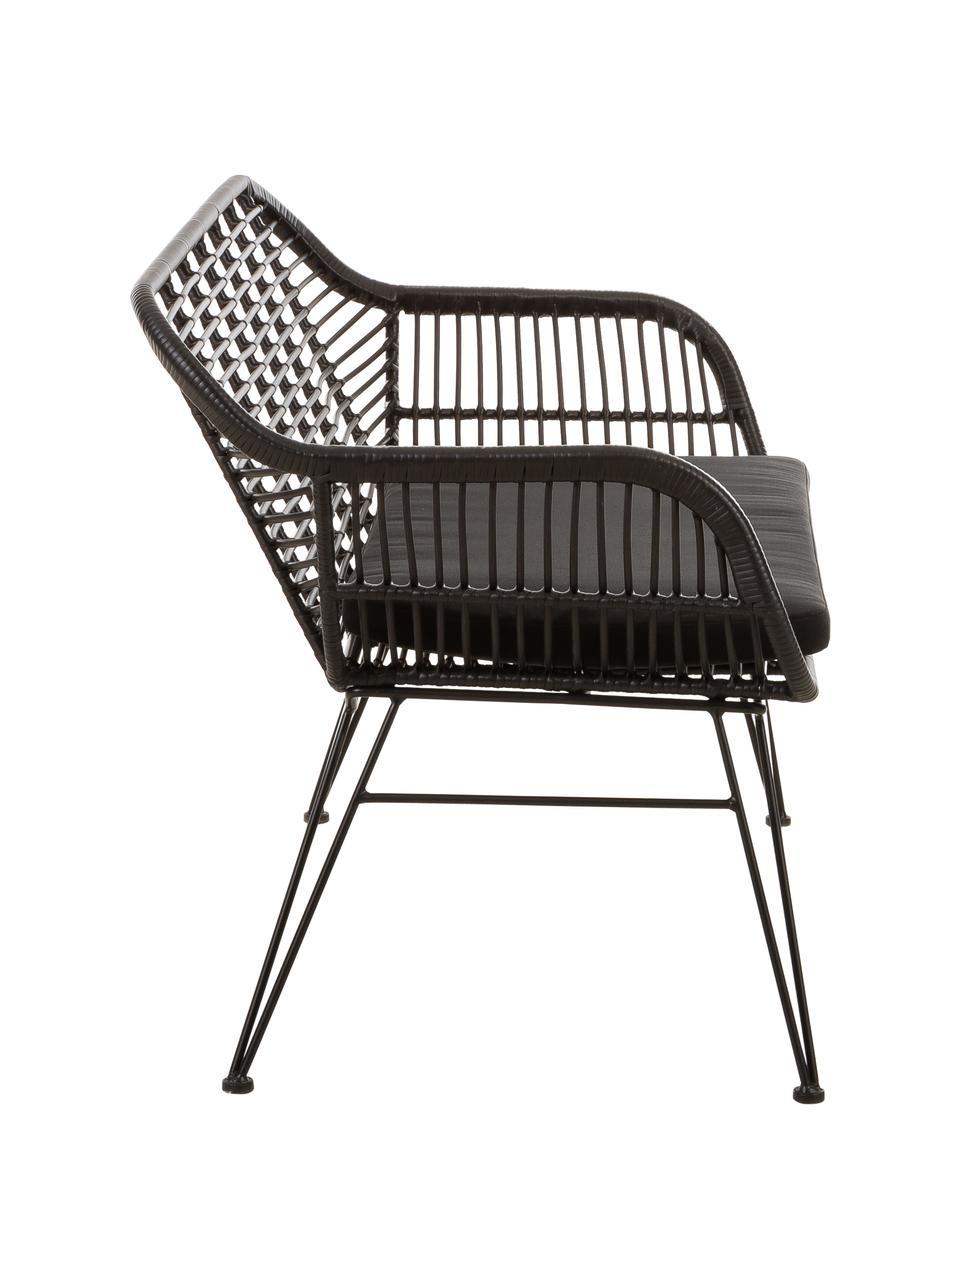 Polyrattan-Sitzbank Costa in Schwarz, Sitzfläche: Polyethylen-Geflecht, Gestell: Metall, pulverbeschichtet, Schwarz, 126 x 81 cm